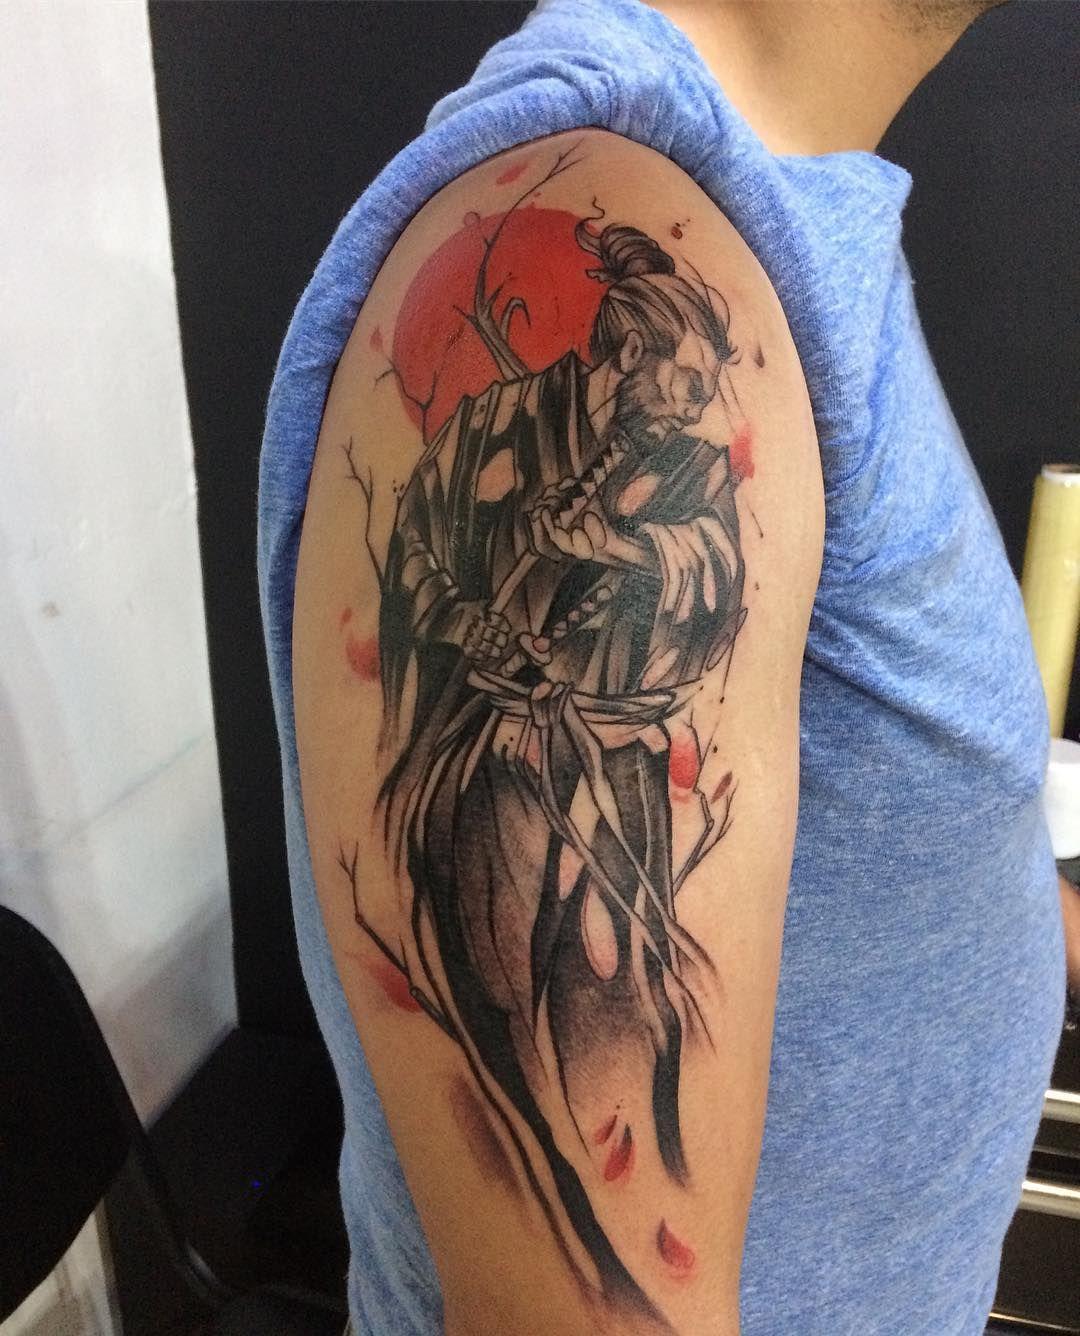 только согласитесь, фото татуировок с самураями парадно-выходная